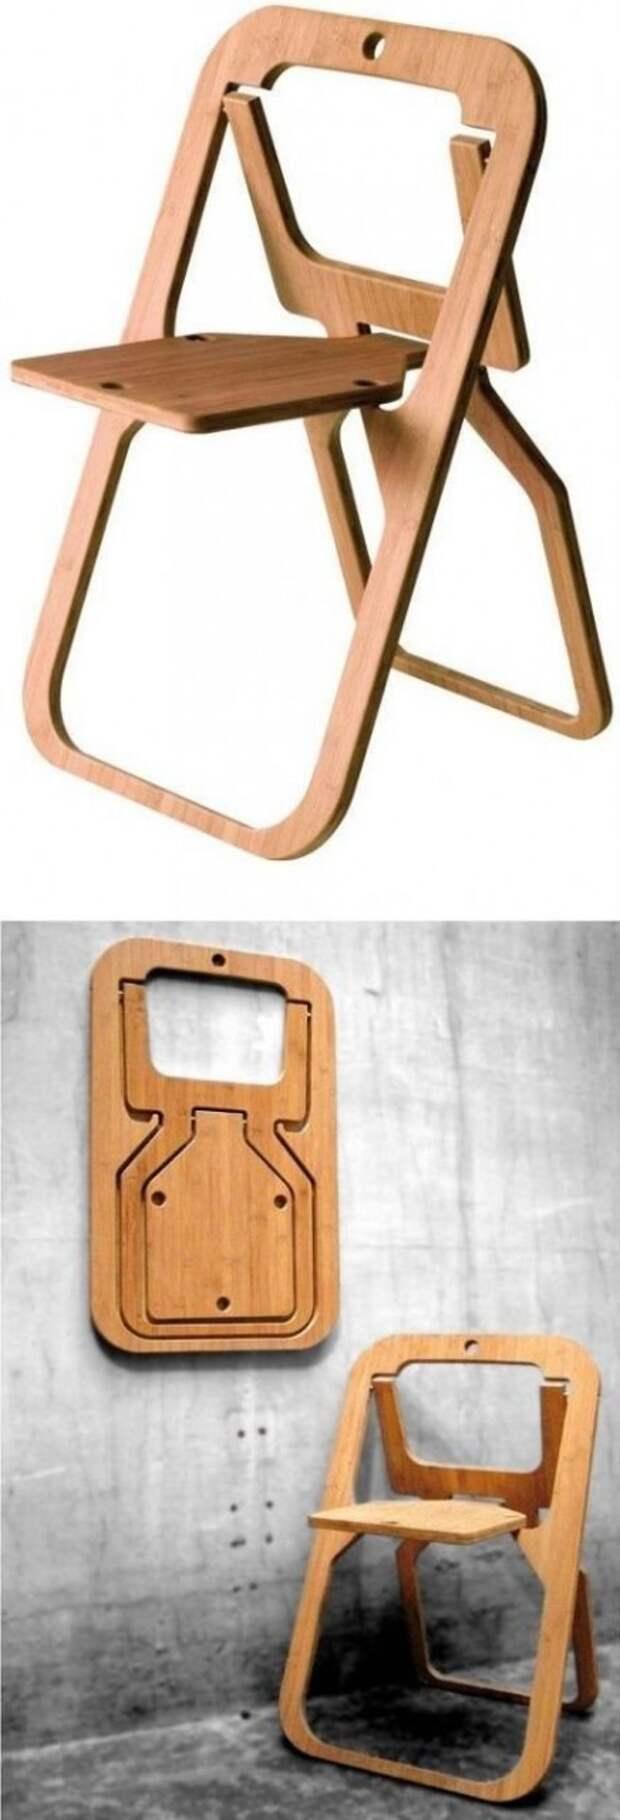 Стульчики и табуретки Фабрика идей, интересное, мебель, полезное, трансформеры, эргономичность